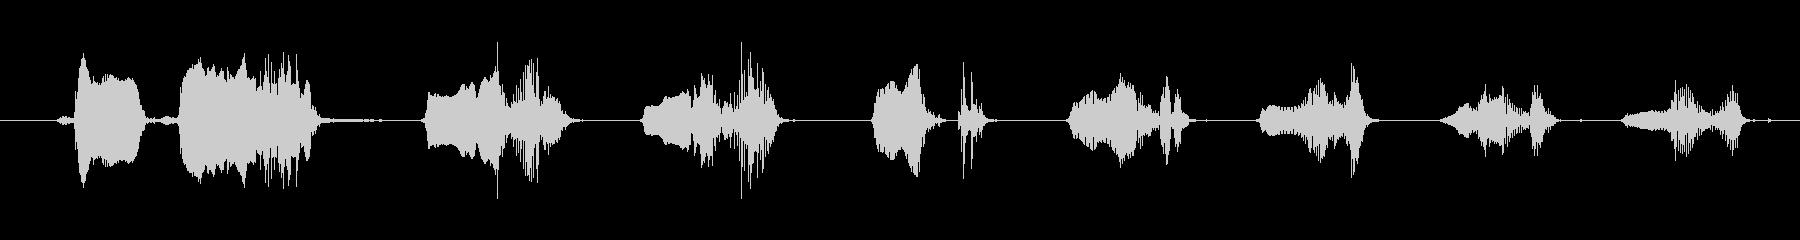 鳴き声 笑い声03の未再生の波形